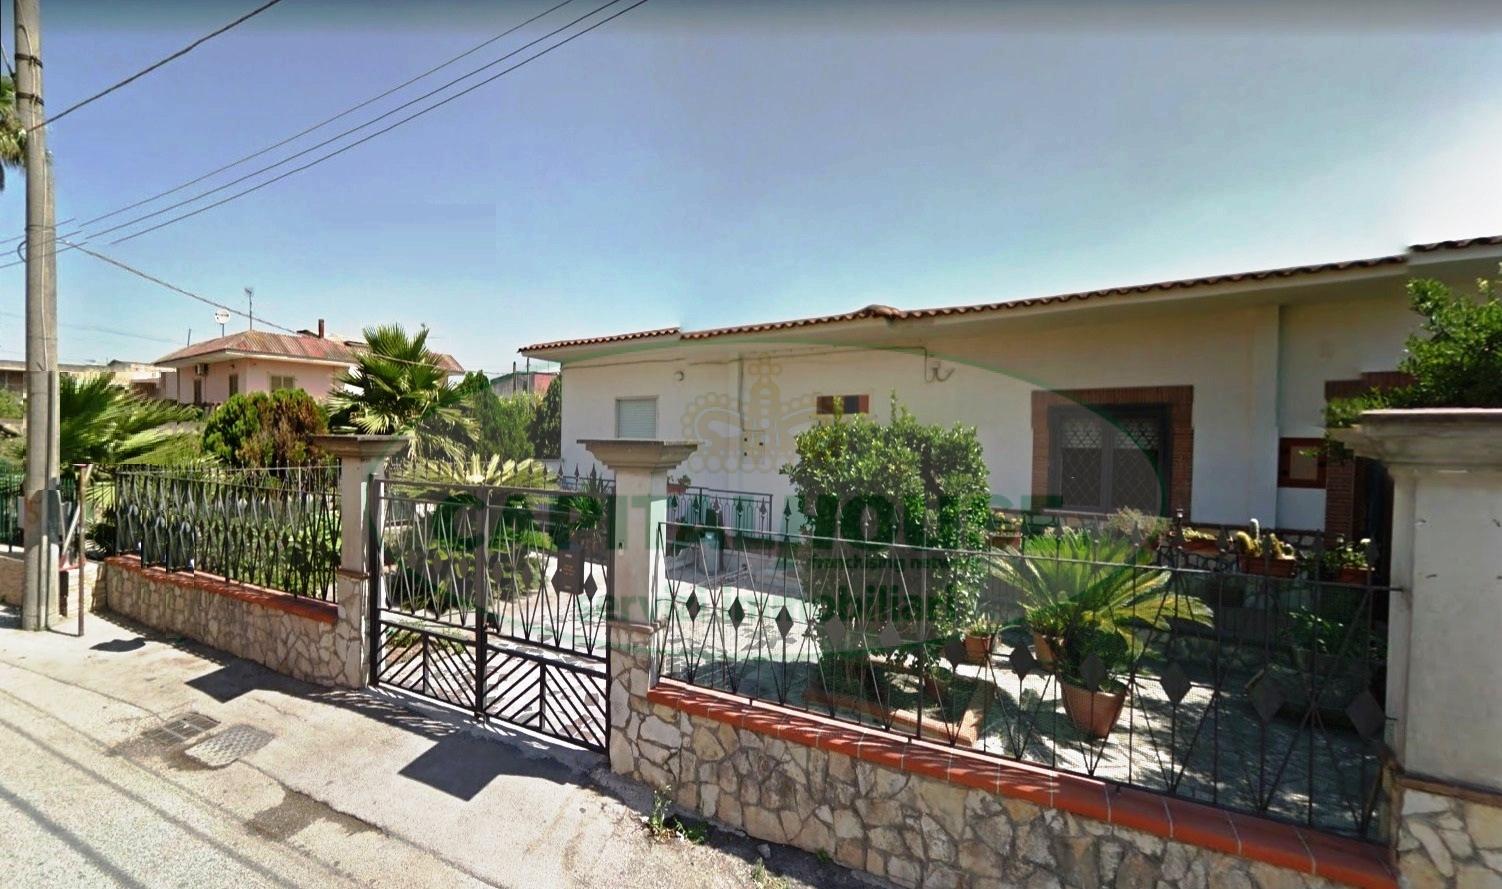 Soluzione Indipendente in vendita a San Gennaro Vesuviano, 3 locali, prezzo € 115.000 | CambioCasa.it